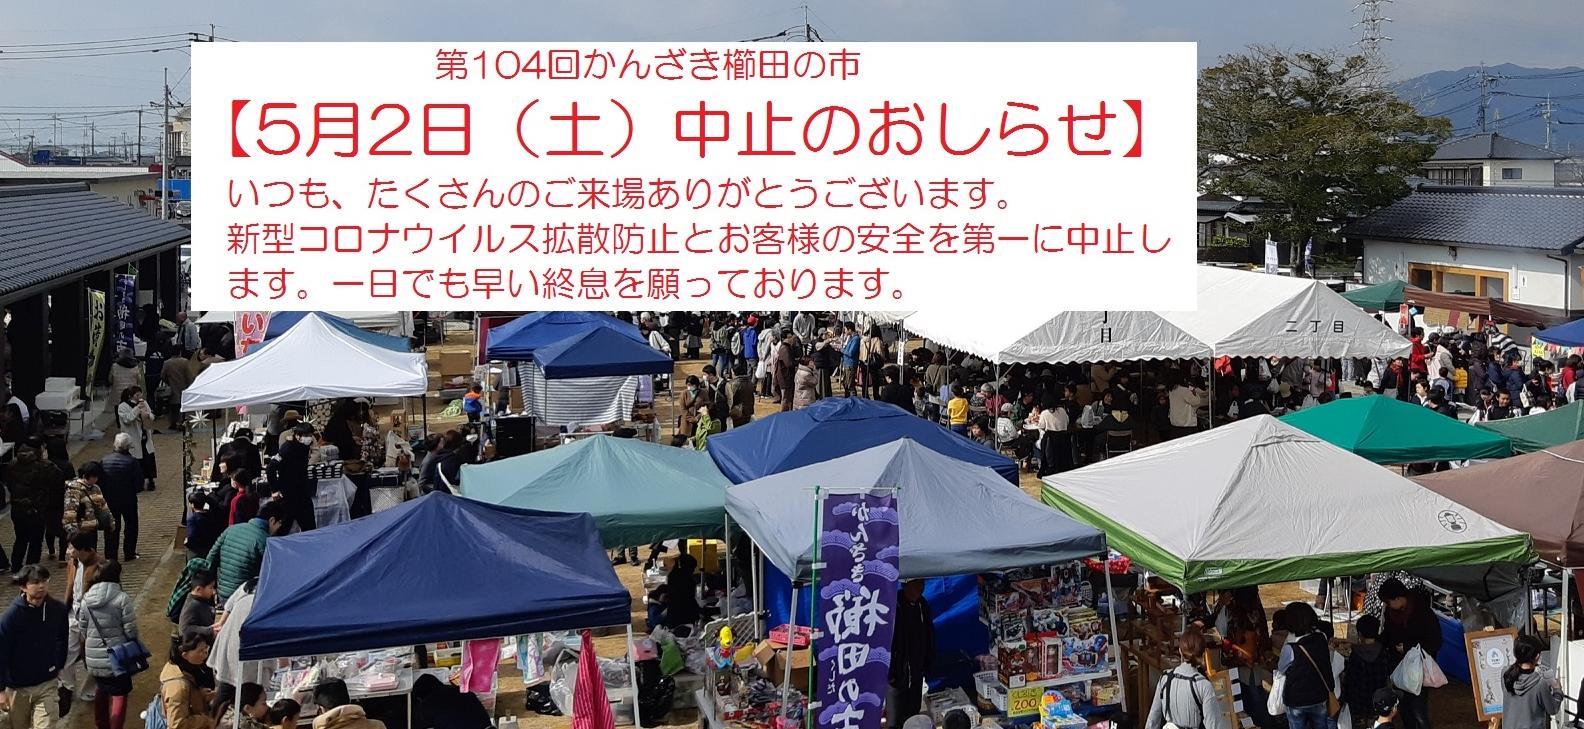 第104回かんざき櫛田の市中止のお知らせ